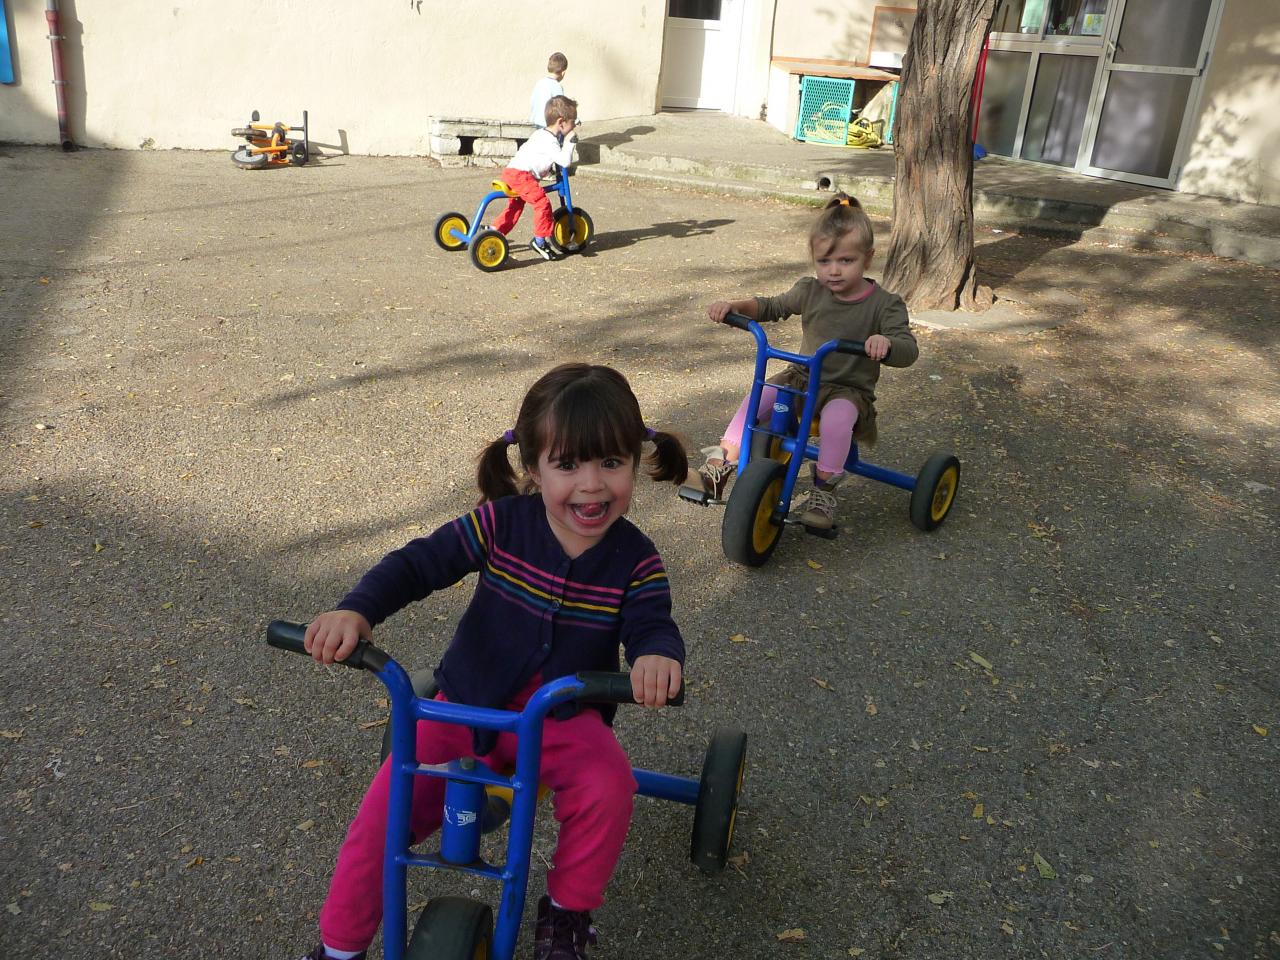 Le tour de la cour à vélo